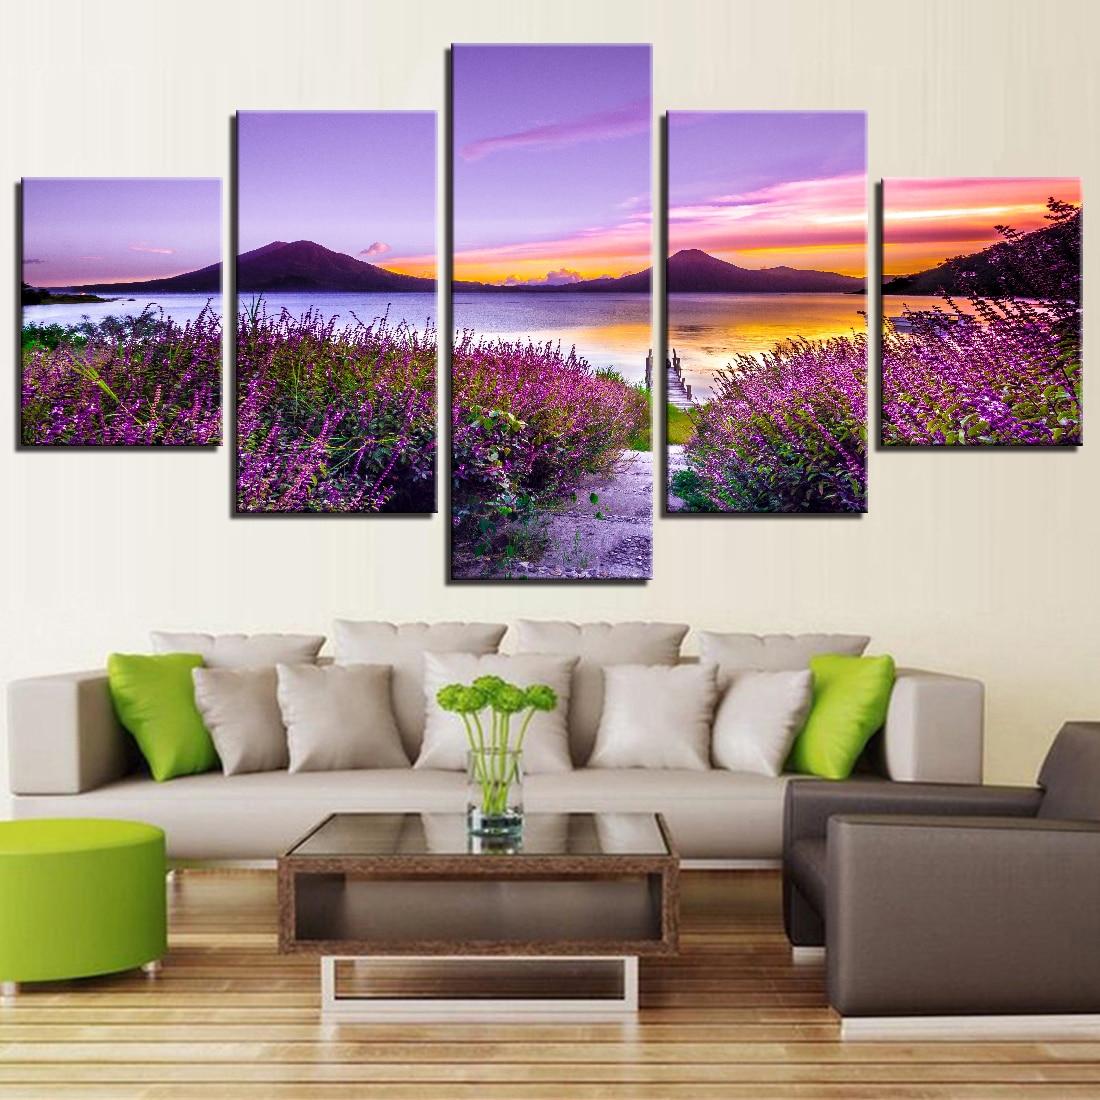 Cartel de montaña de mar imagen moderna decoración Mural pared obras de arte Modular hermoso paisaje lavanda flores impresiones de alta definición 5 piezas